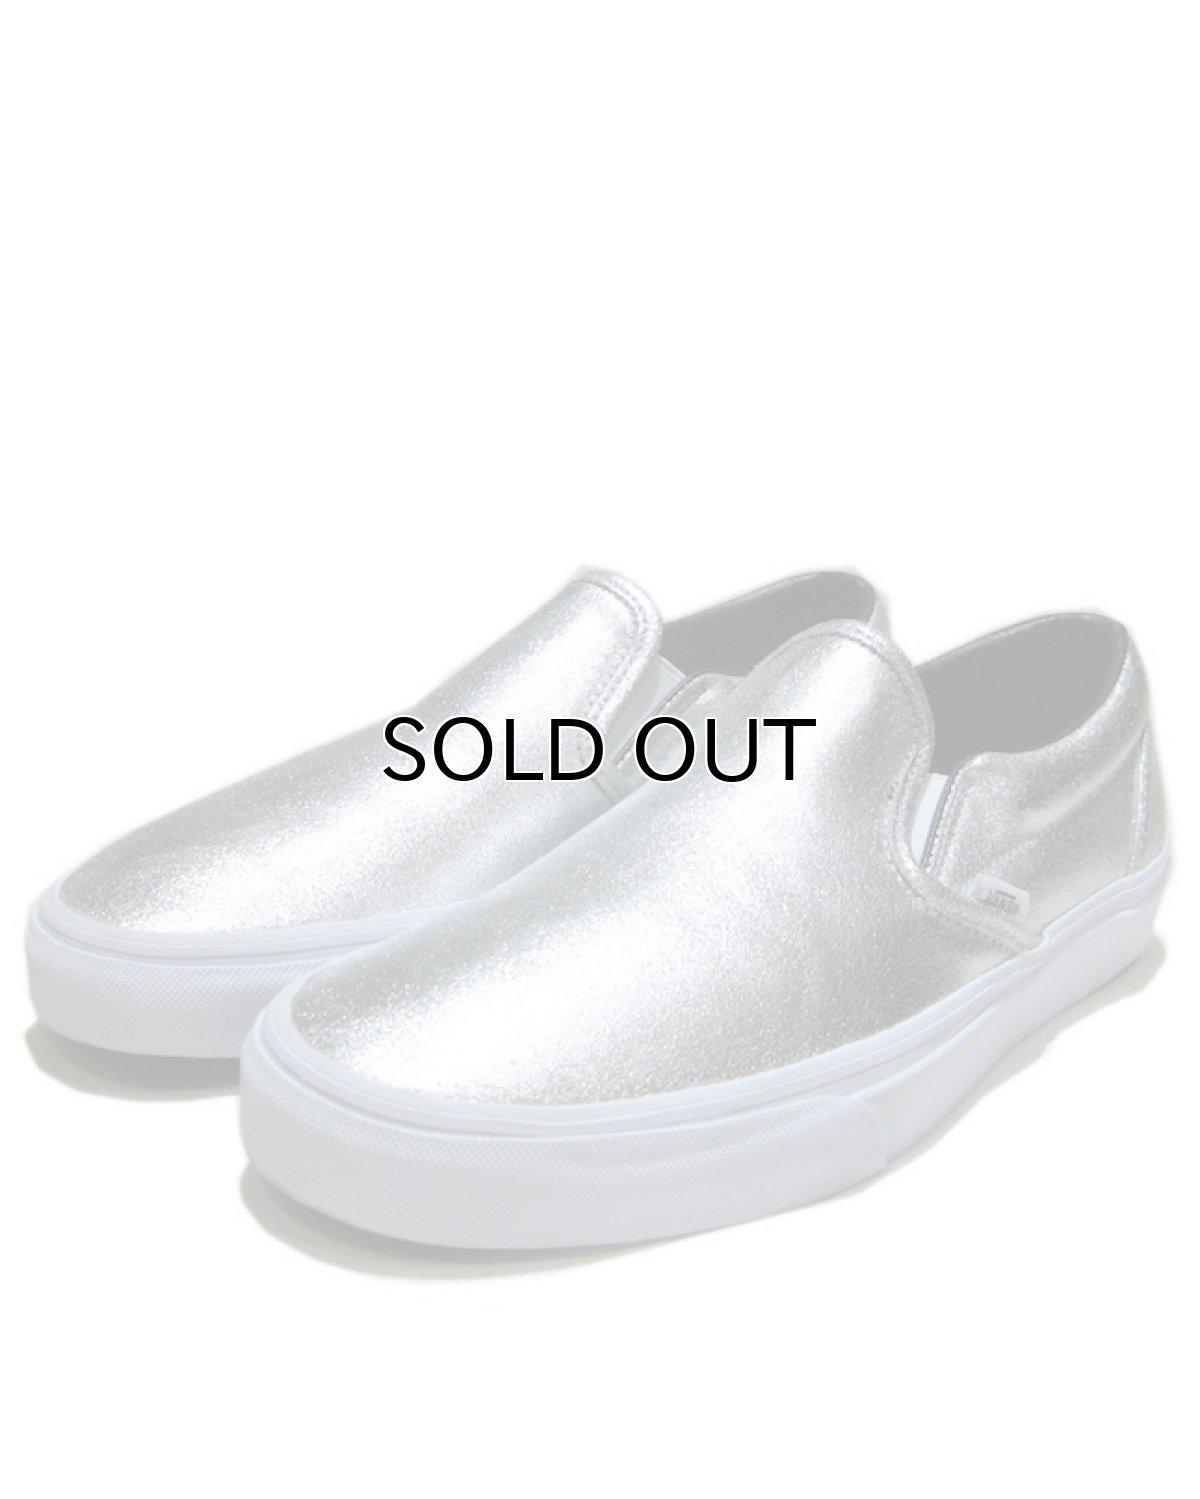 """画像1: NEW """"VANS"""" Metallic Leather Slip-On Sneaker SILVER size 10 (28cm) (1)"""